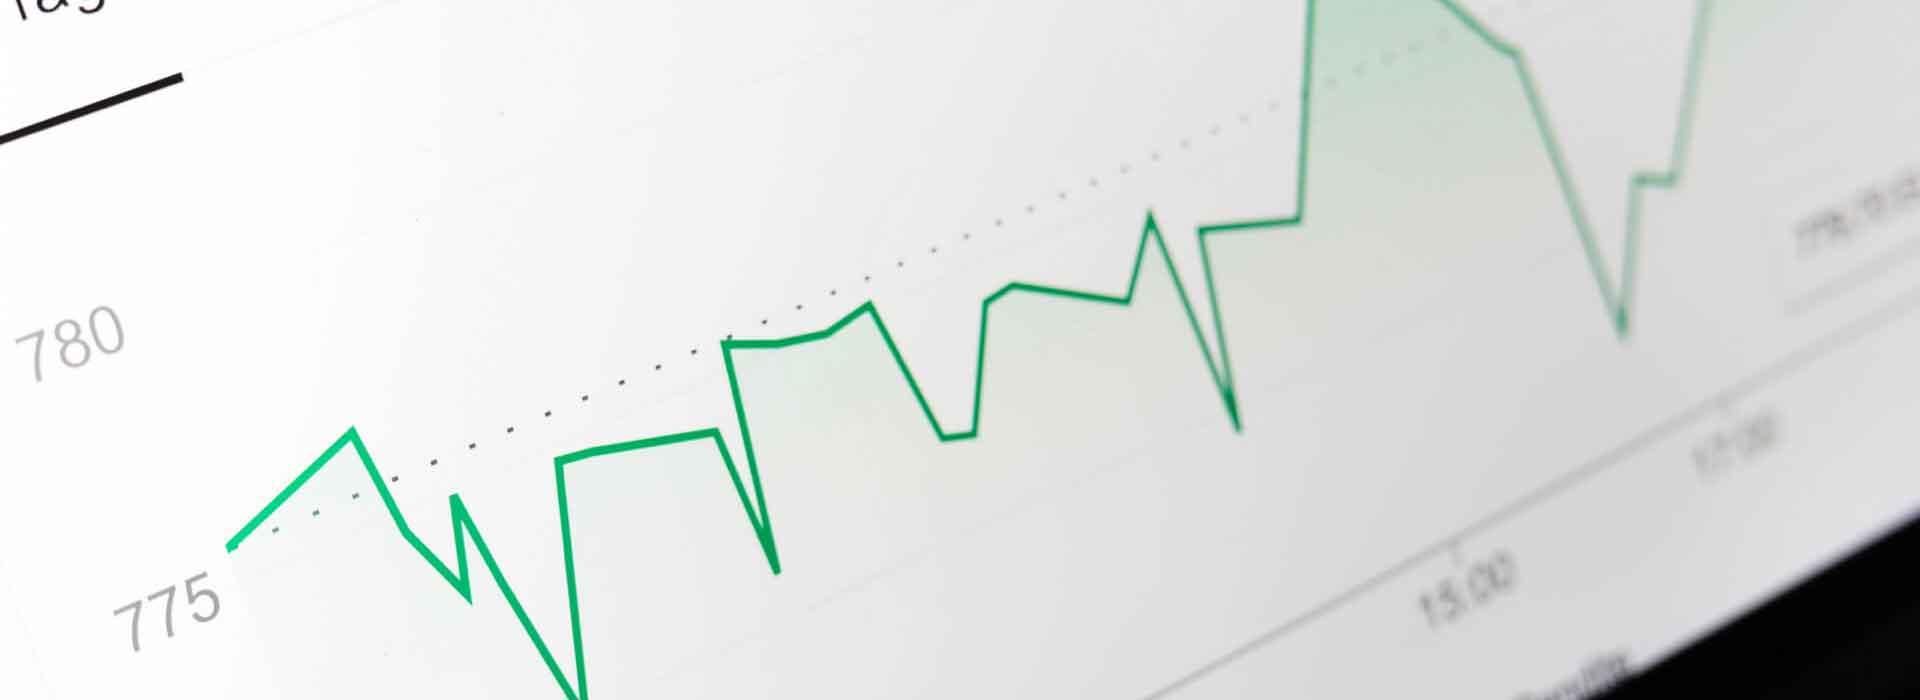 customer retention analytics